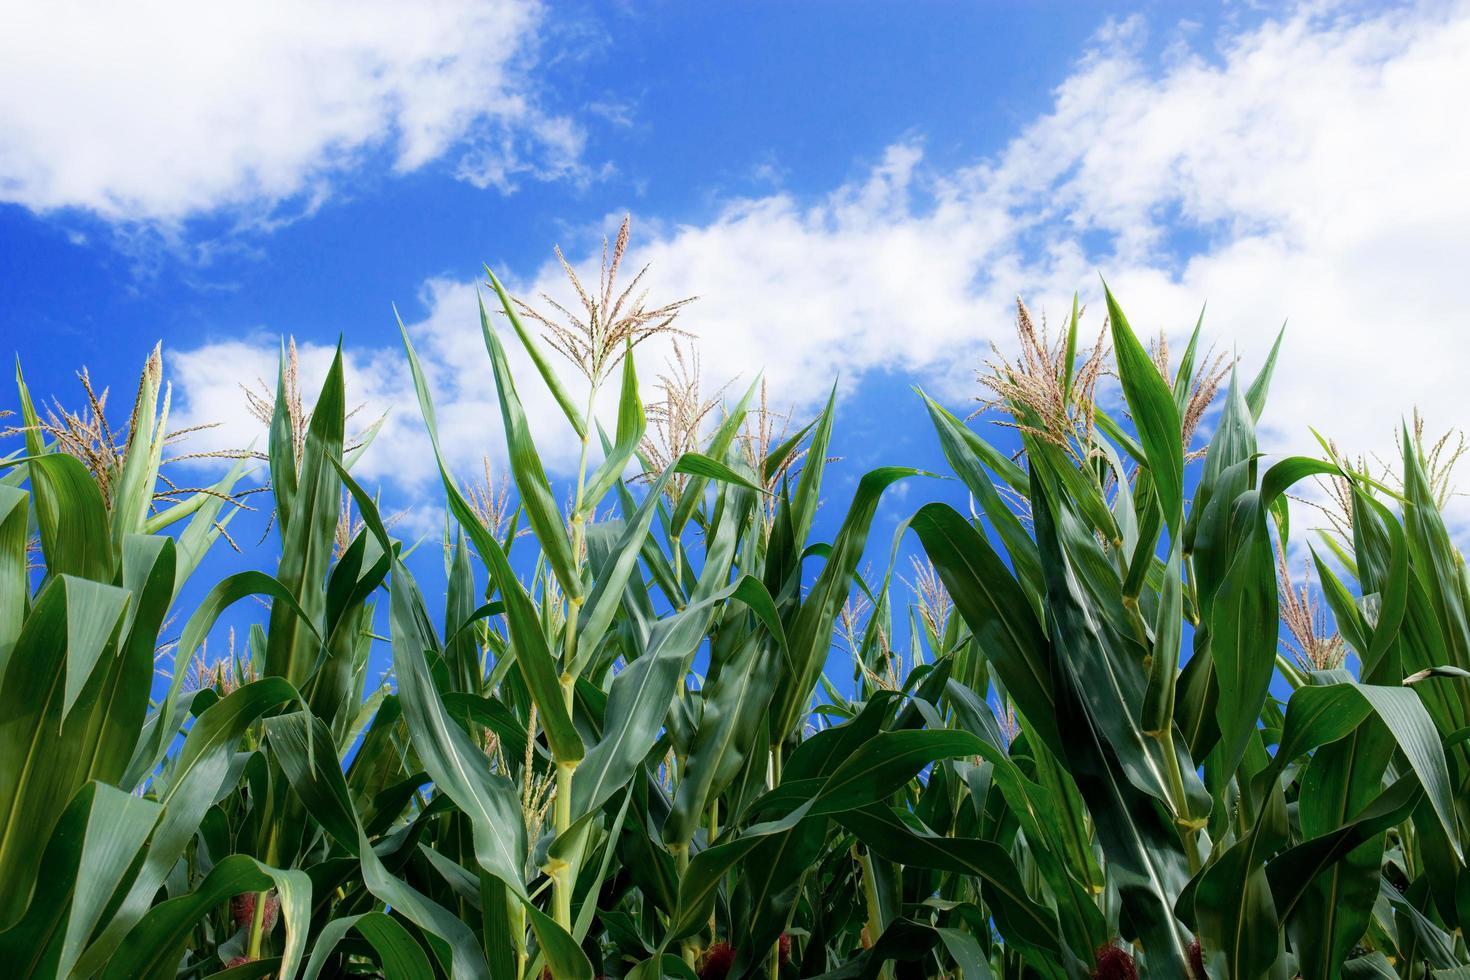 plants de maïs au ciel bleu. photo